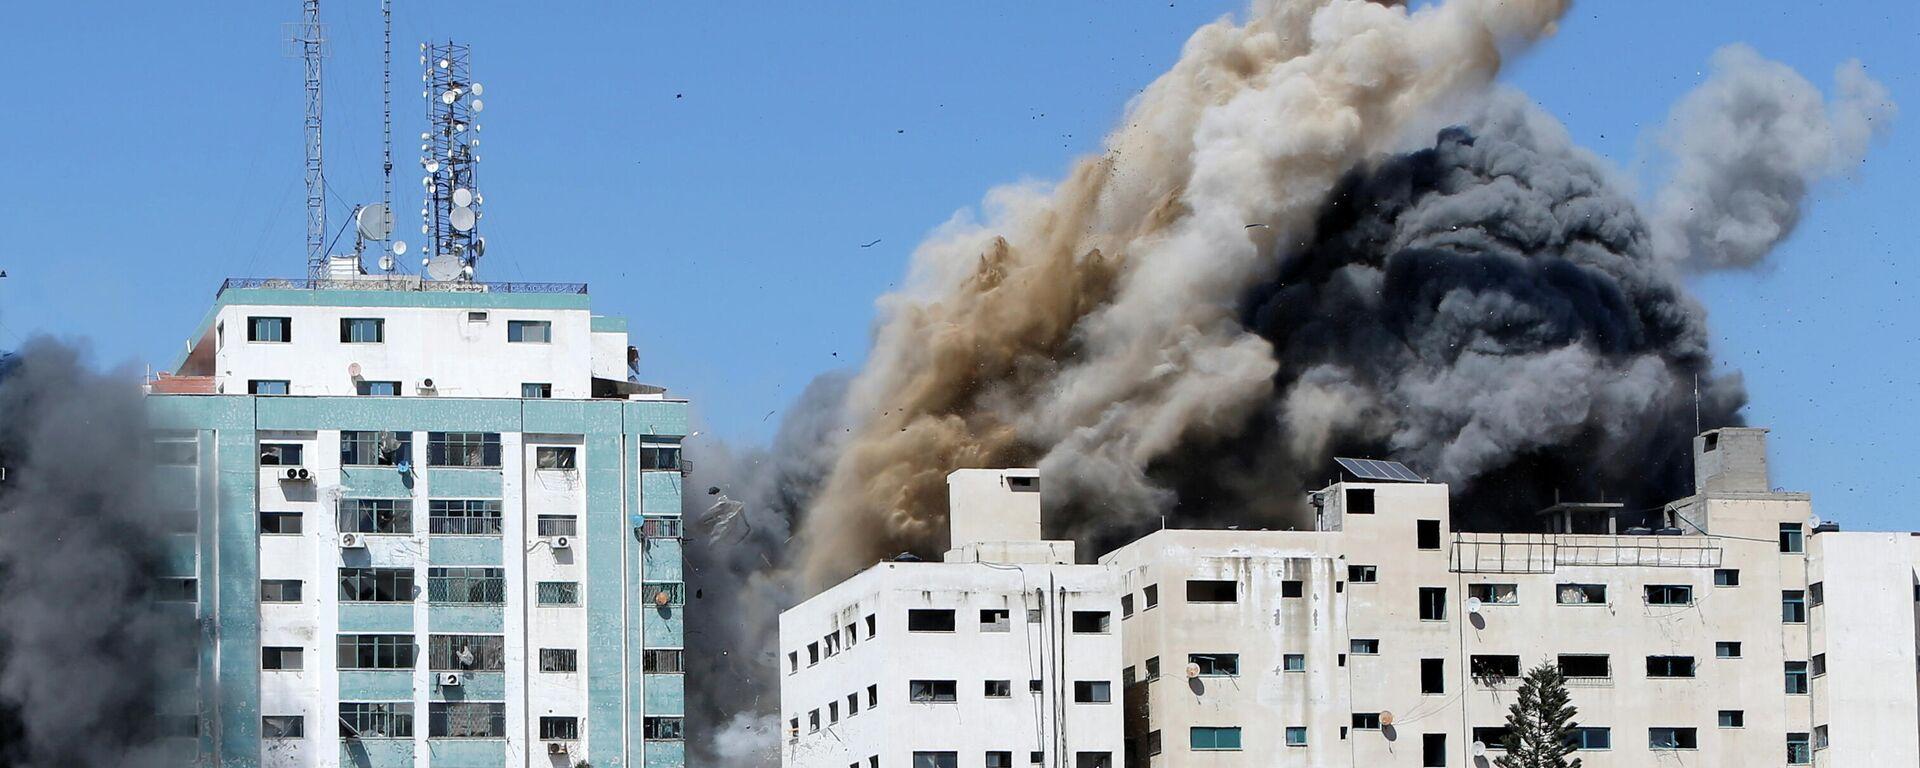 Las oficinas de AP y Al Jazeera se derrumban tras los ataques de misiles israelíes en la ciudad de Gaza, el 15 de mayo de 2021 - Sputnik Mundo, 1920, 15.05.2021